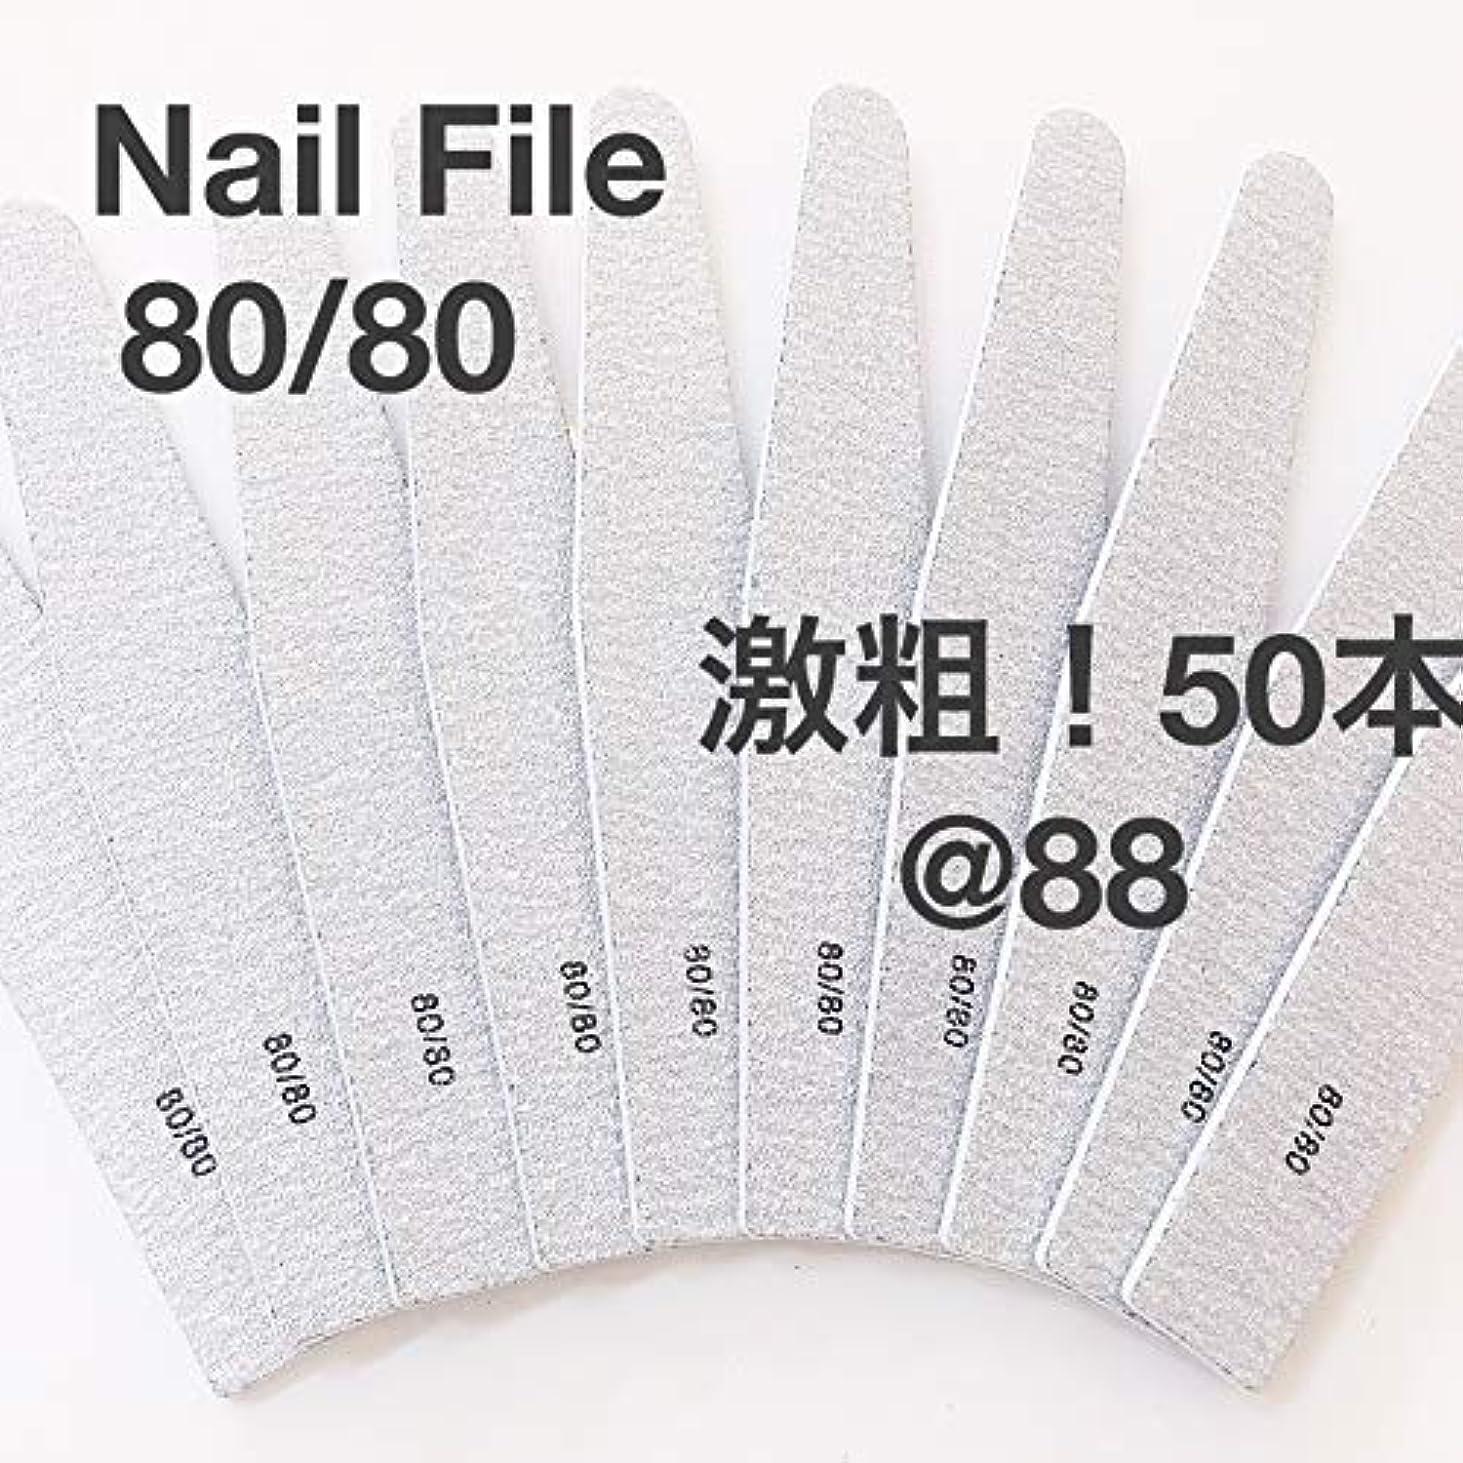 衣服後退する罪人ネイルファイル 80/80激粗【50本セット】ガリガリ削れます!